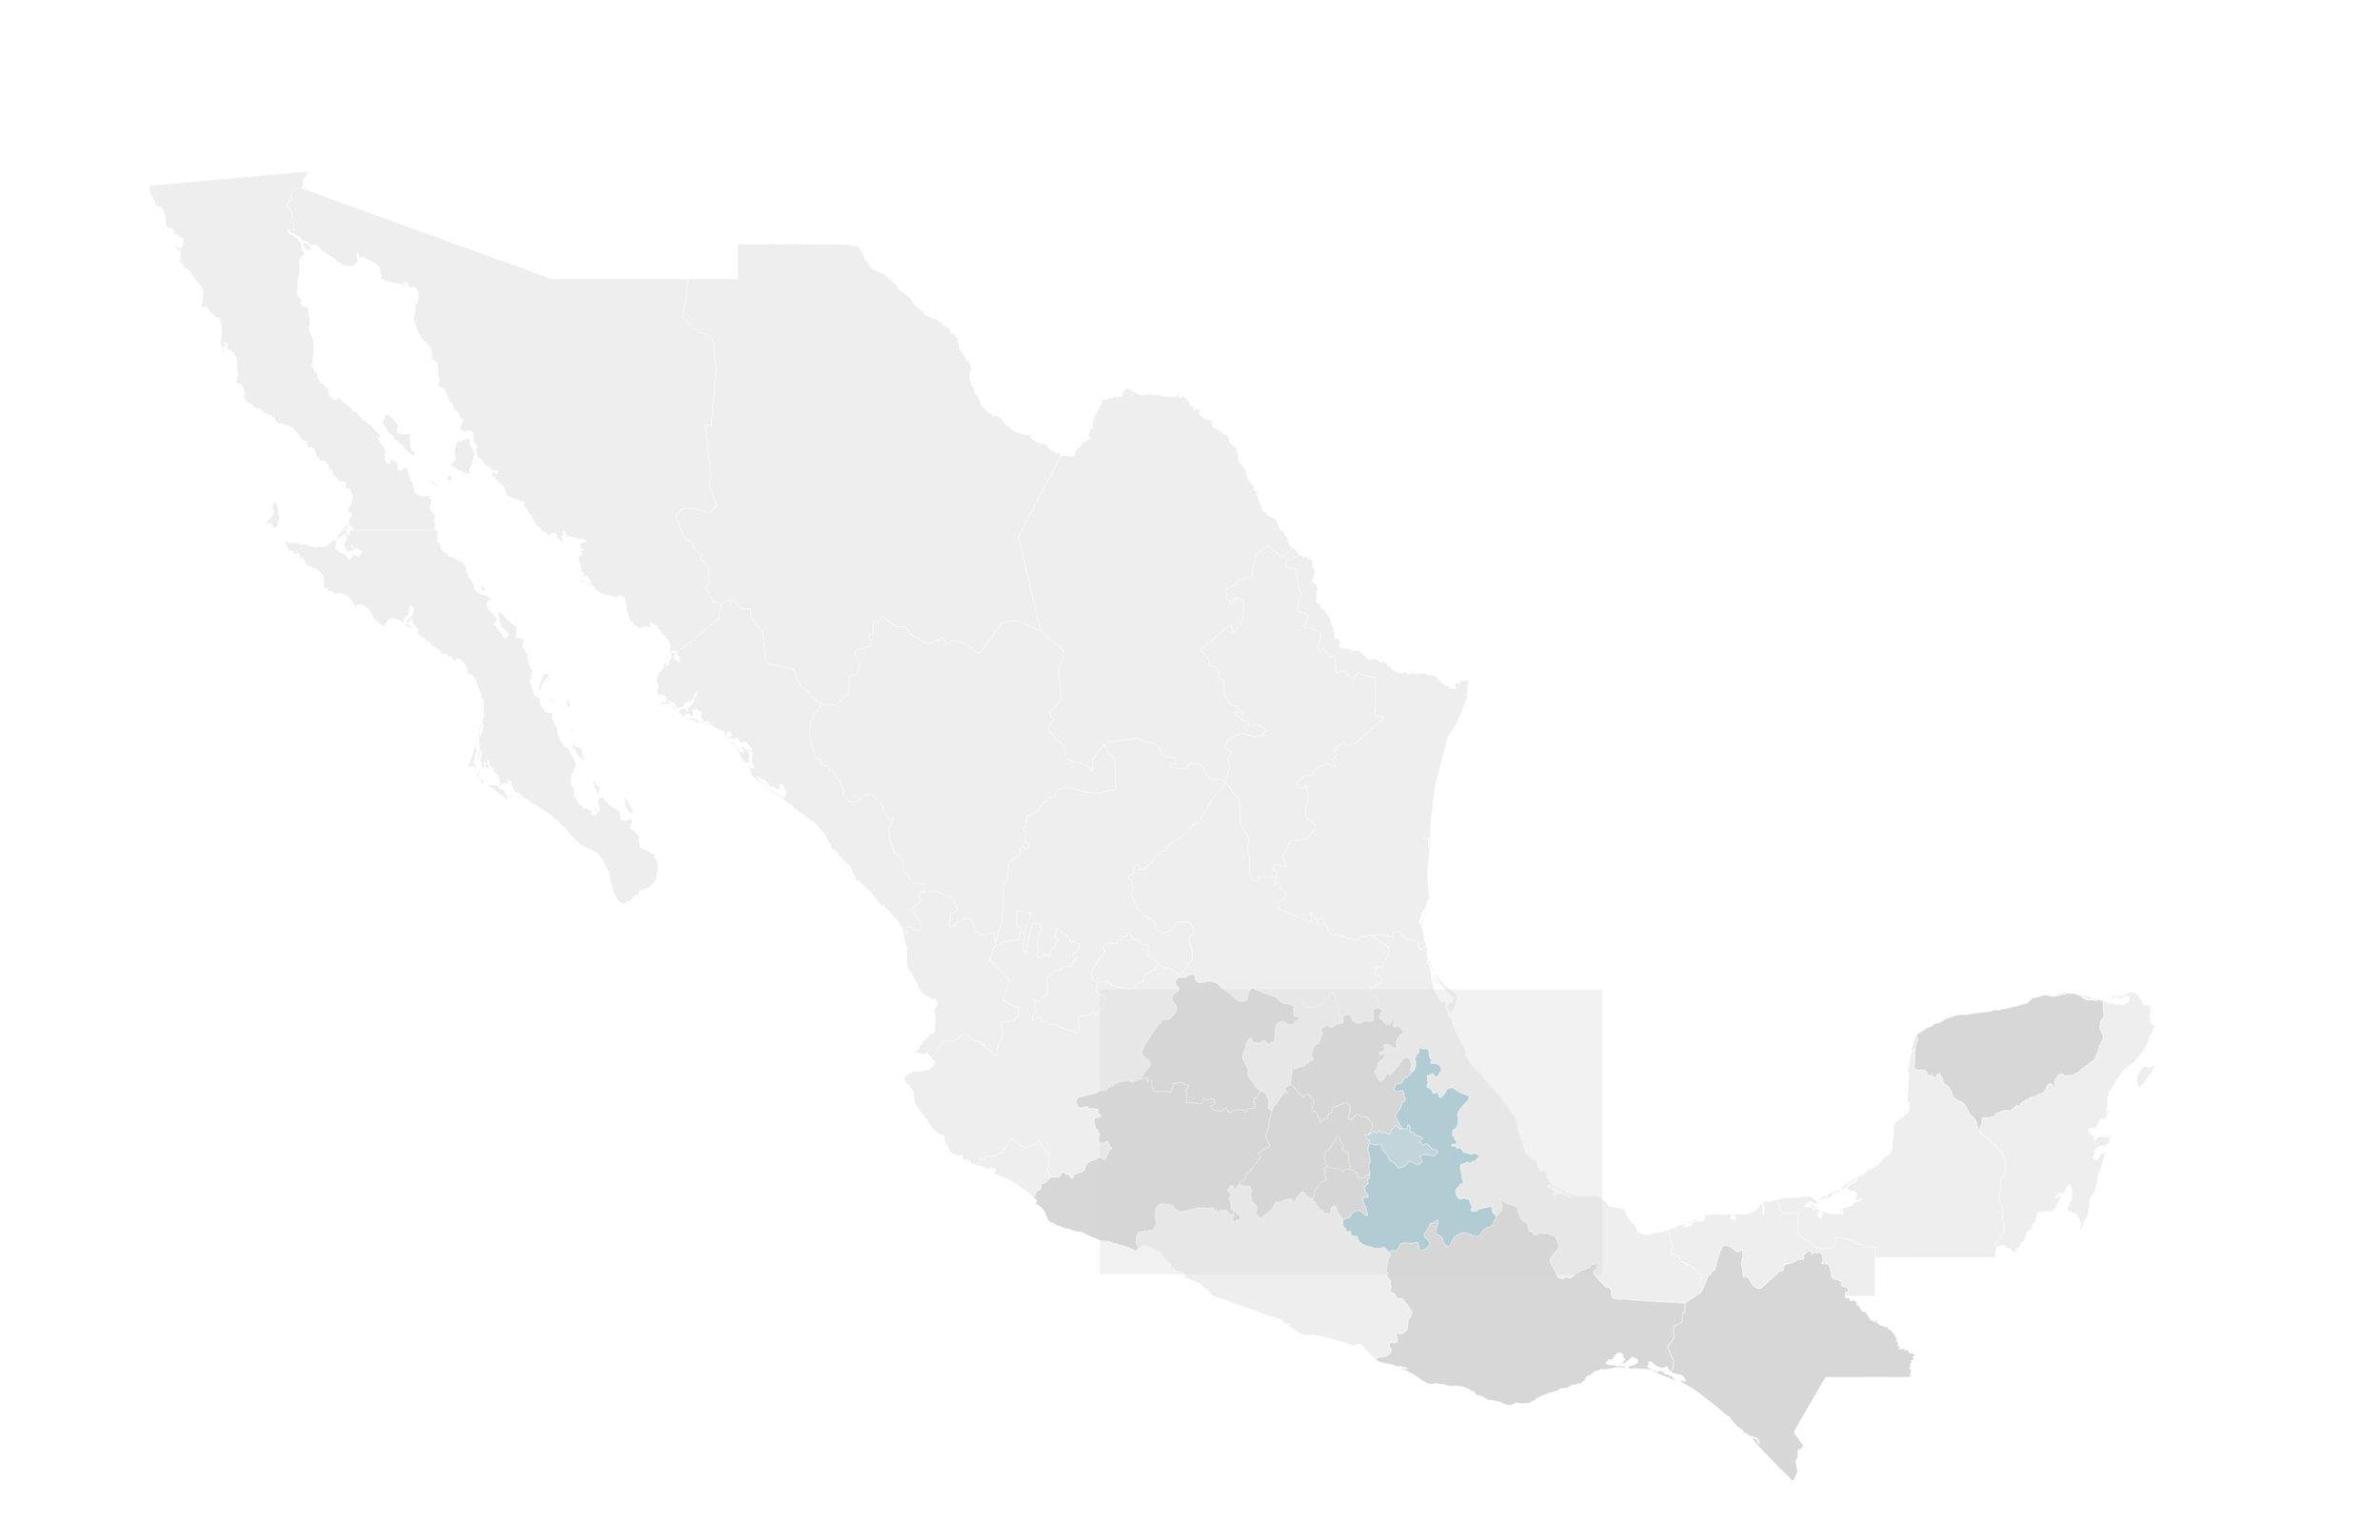 Zona Centro-Este - Puebla I Tlaxcala